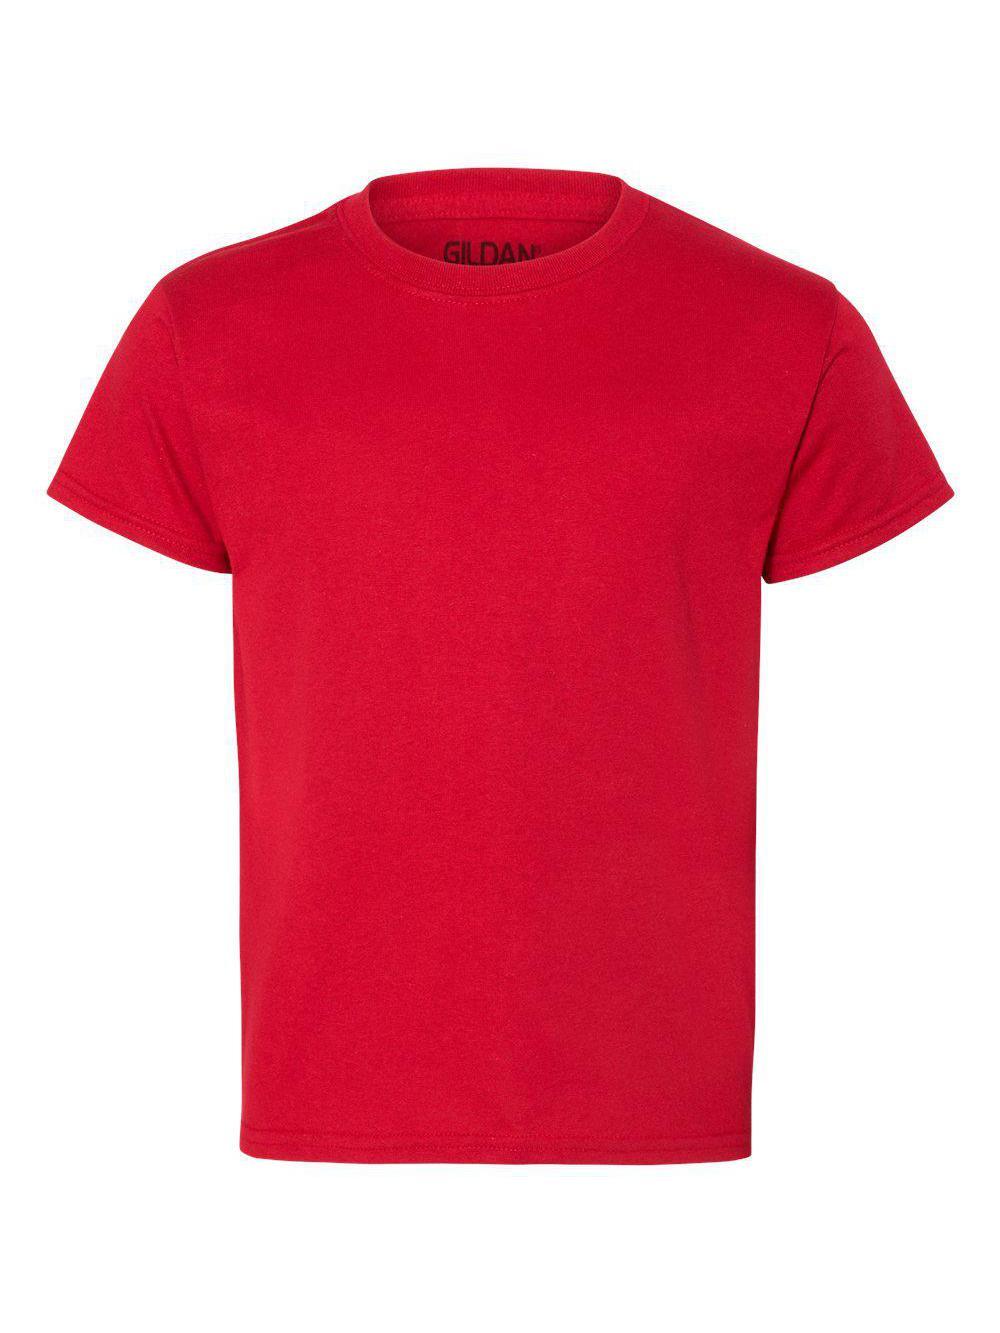 Gildan-DryBlend-Youth-50-50-T-Shirt-8000B thumbnail 105